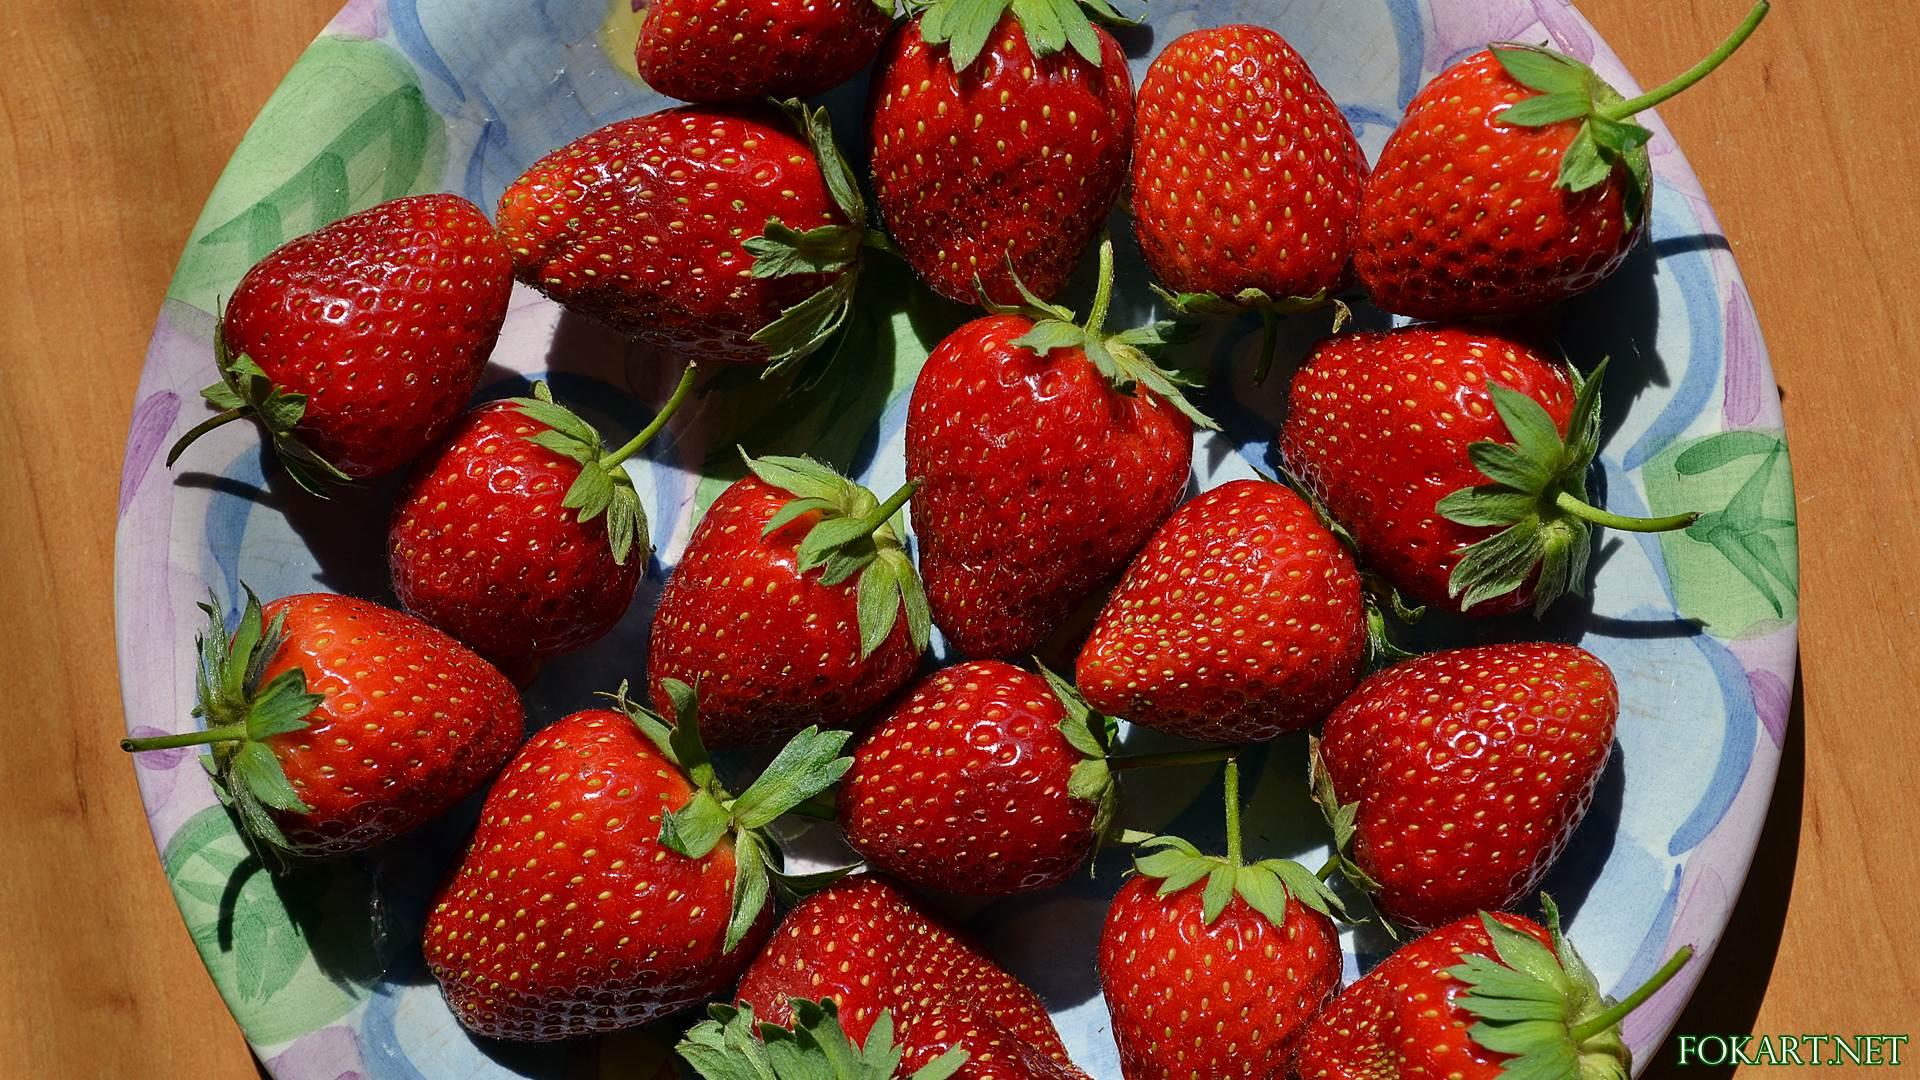 Тарелка с ягодами клубники